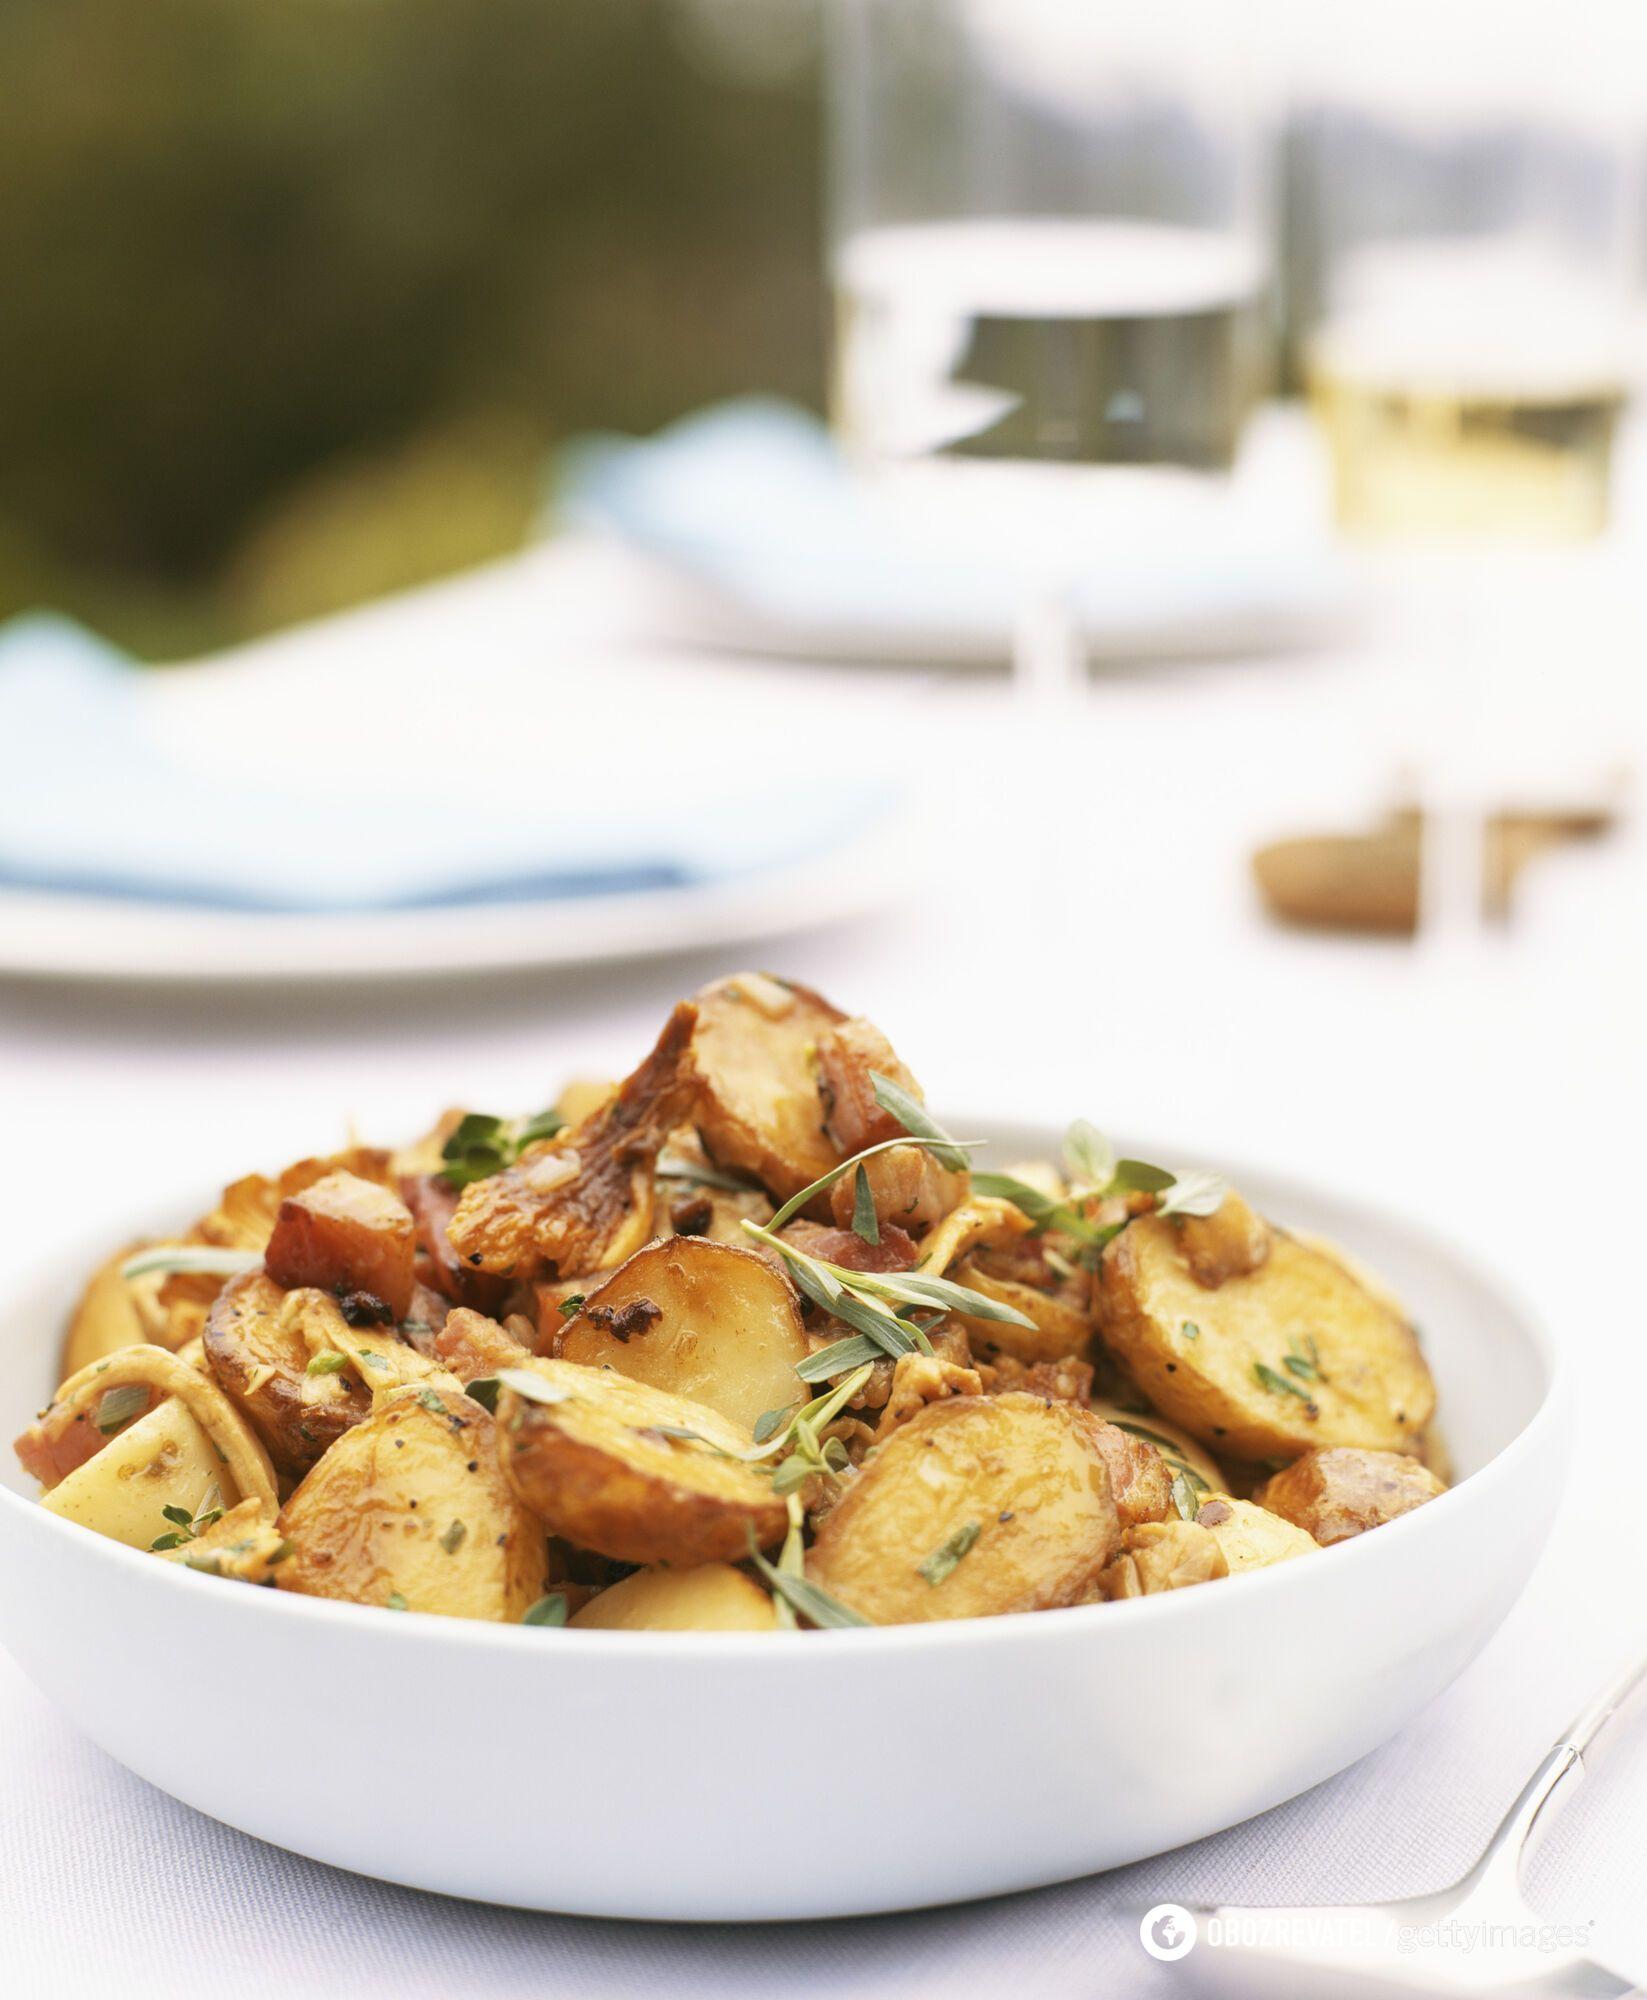 Картошку можно использовать для этого блюда вчерашнюю